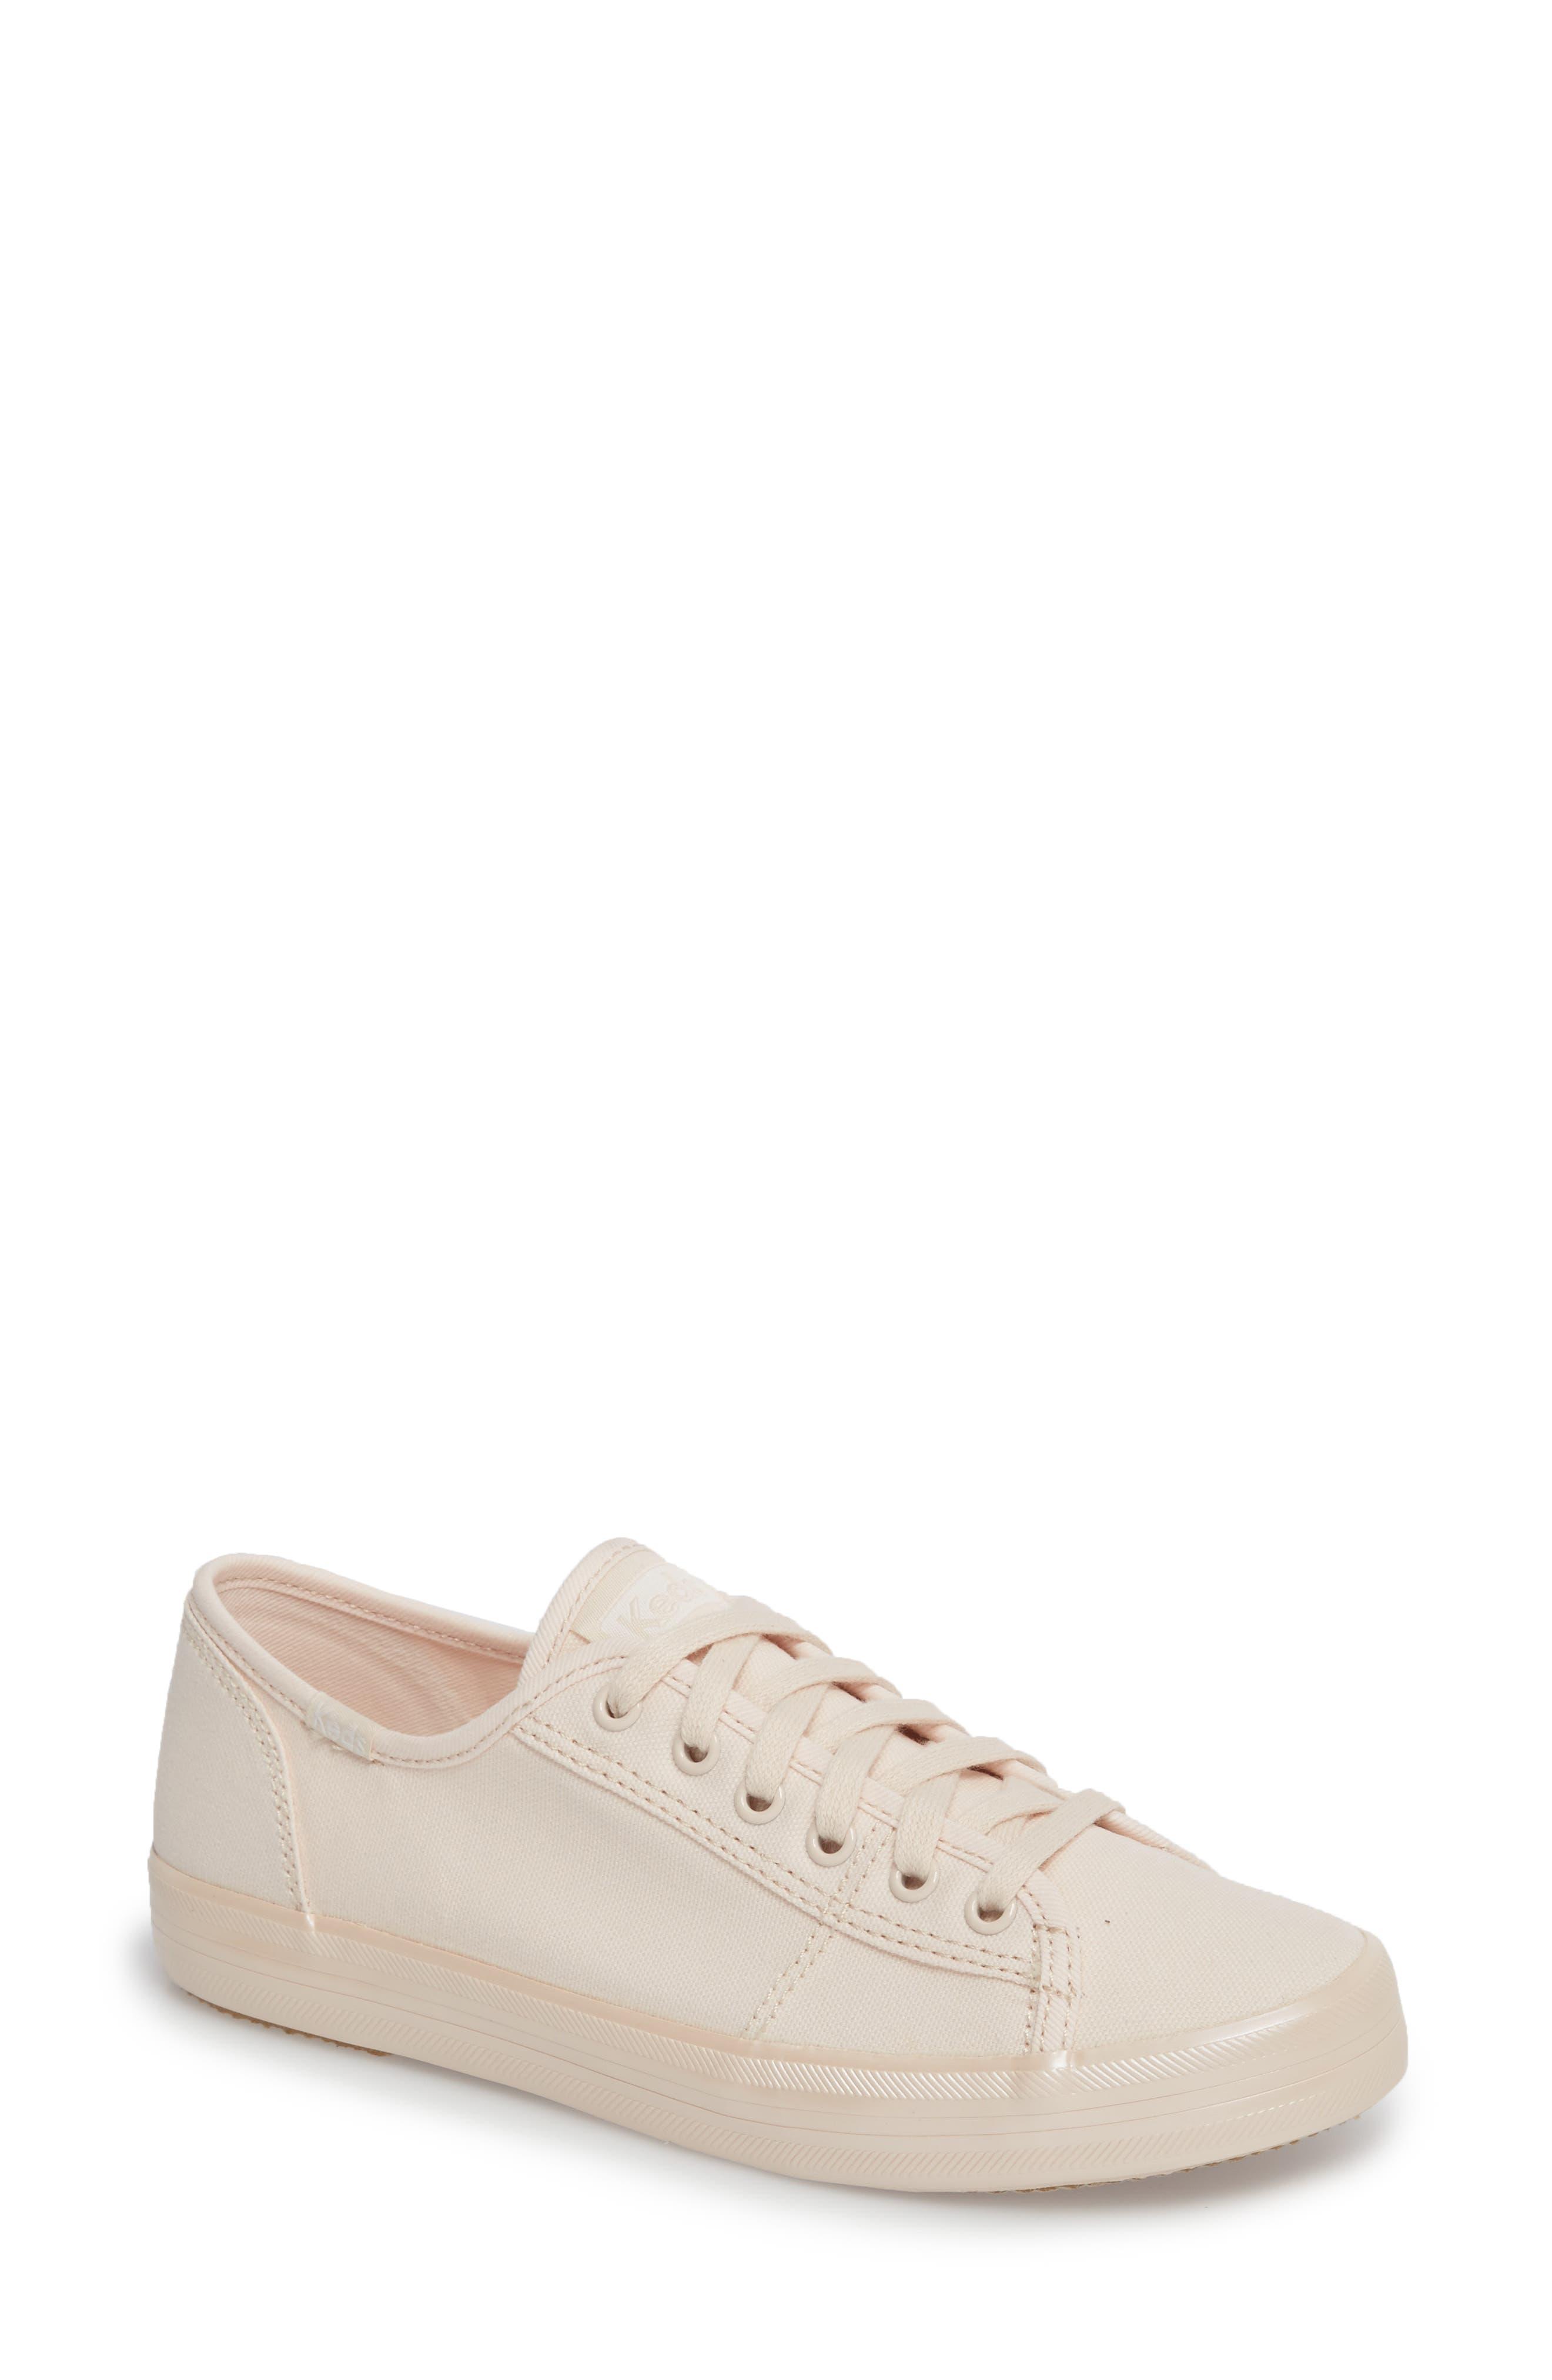 Main Image - Keds® Kickstart Shimmer Sneaker (Women)